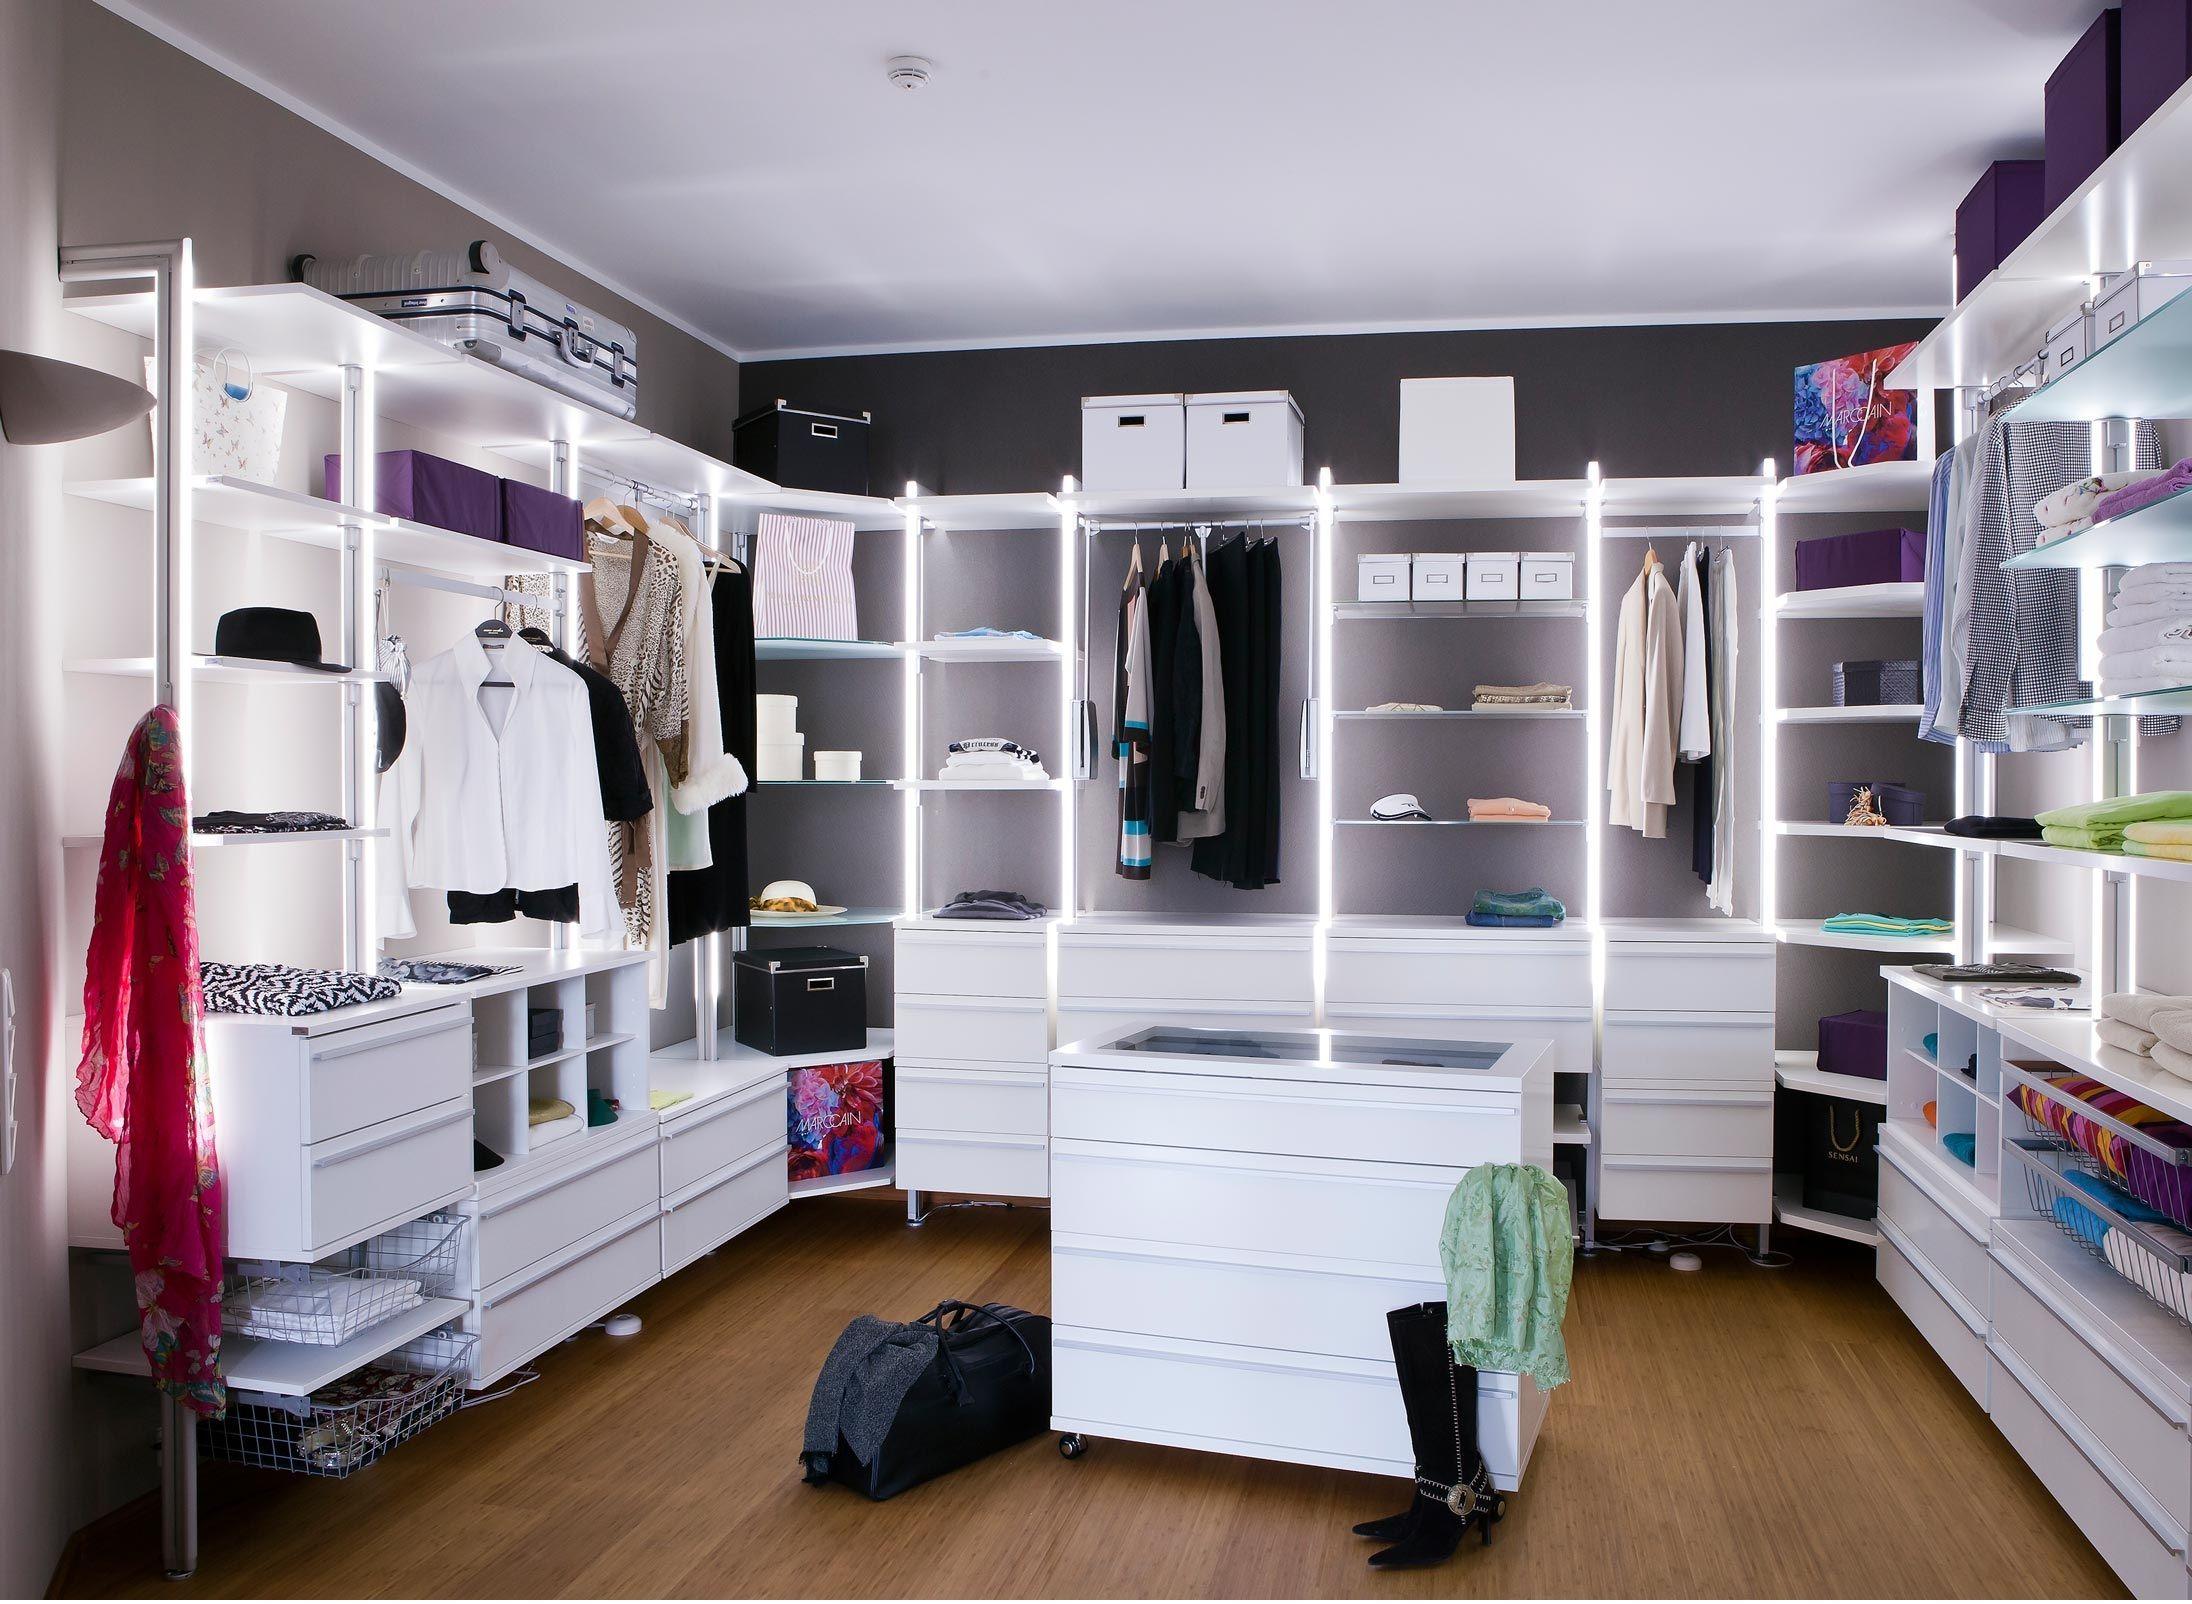 Great Begehbarer Kleiderschrank von frank schranksysteme